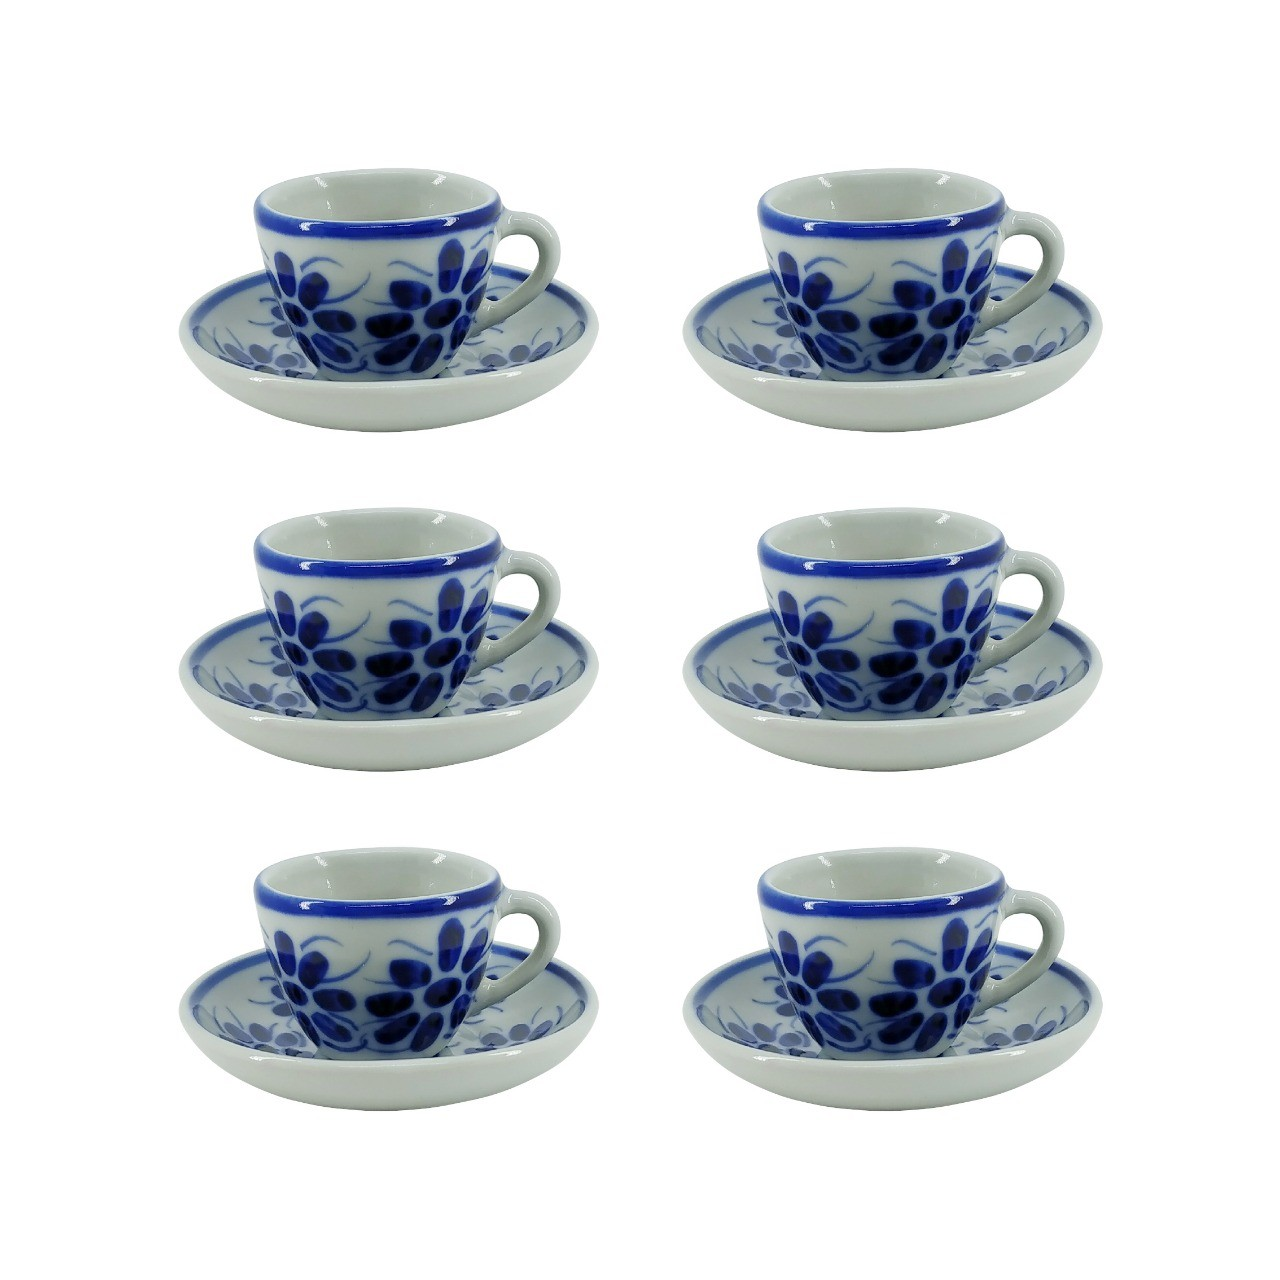 Jogo de 6 Xícaras de Café e Pires em Porcelana Azul Vintage 50 ml